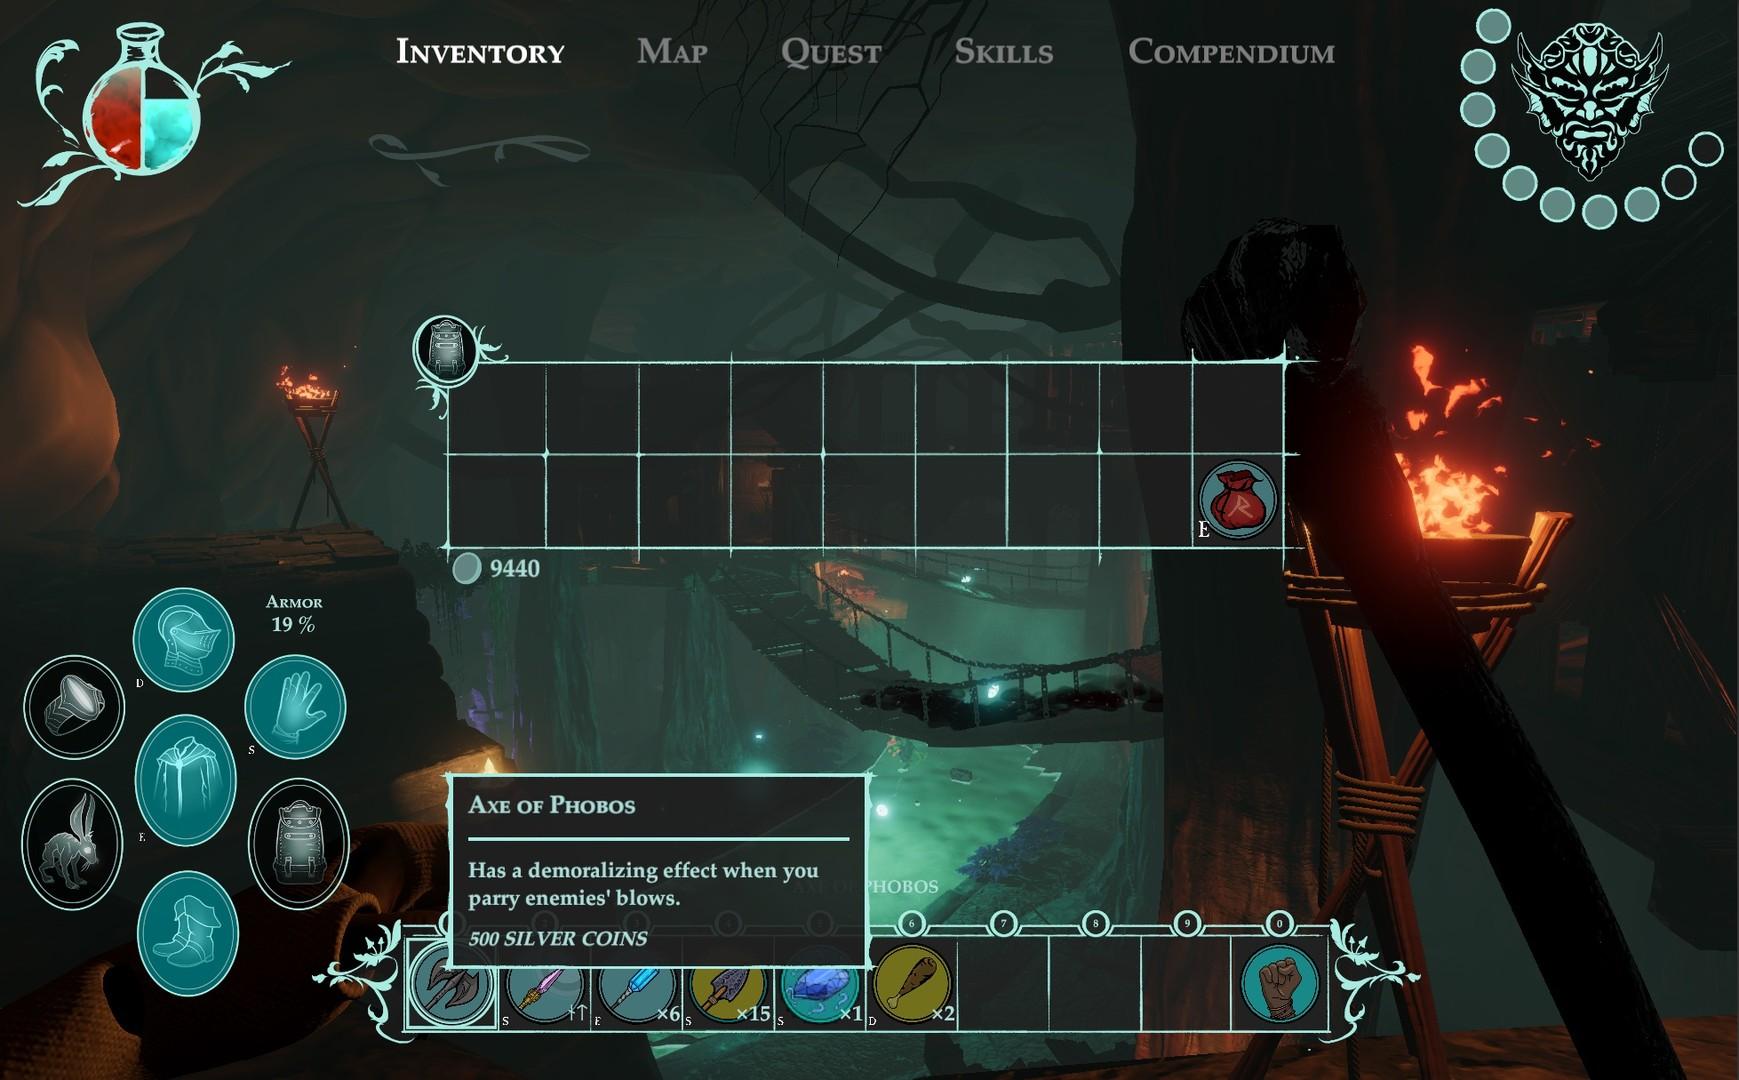 com.steam.692840-screenshot